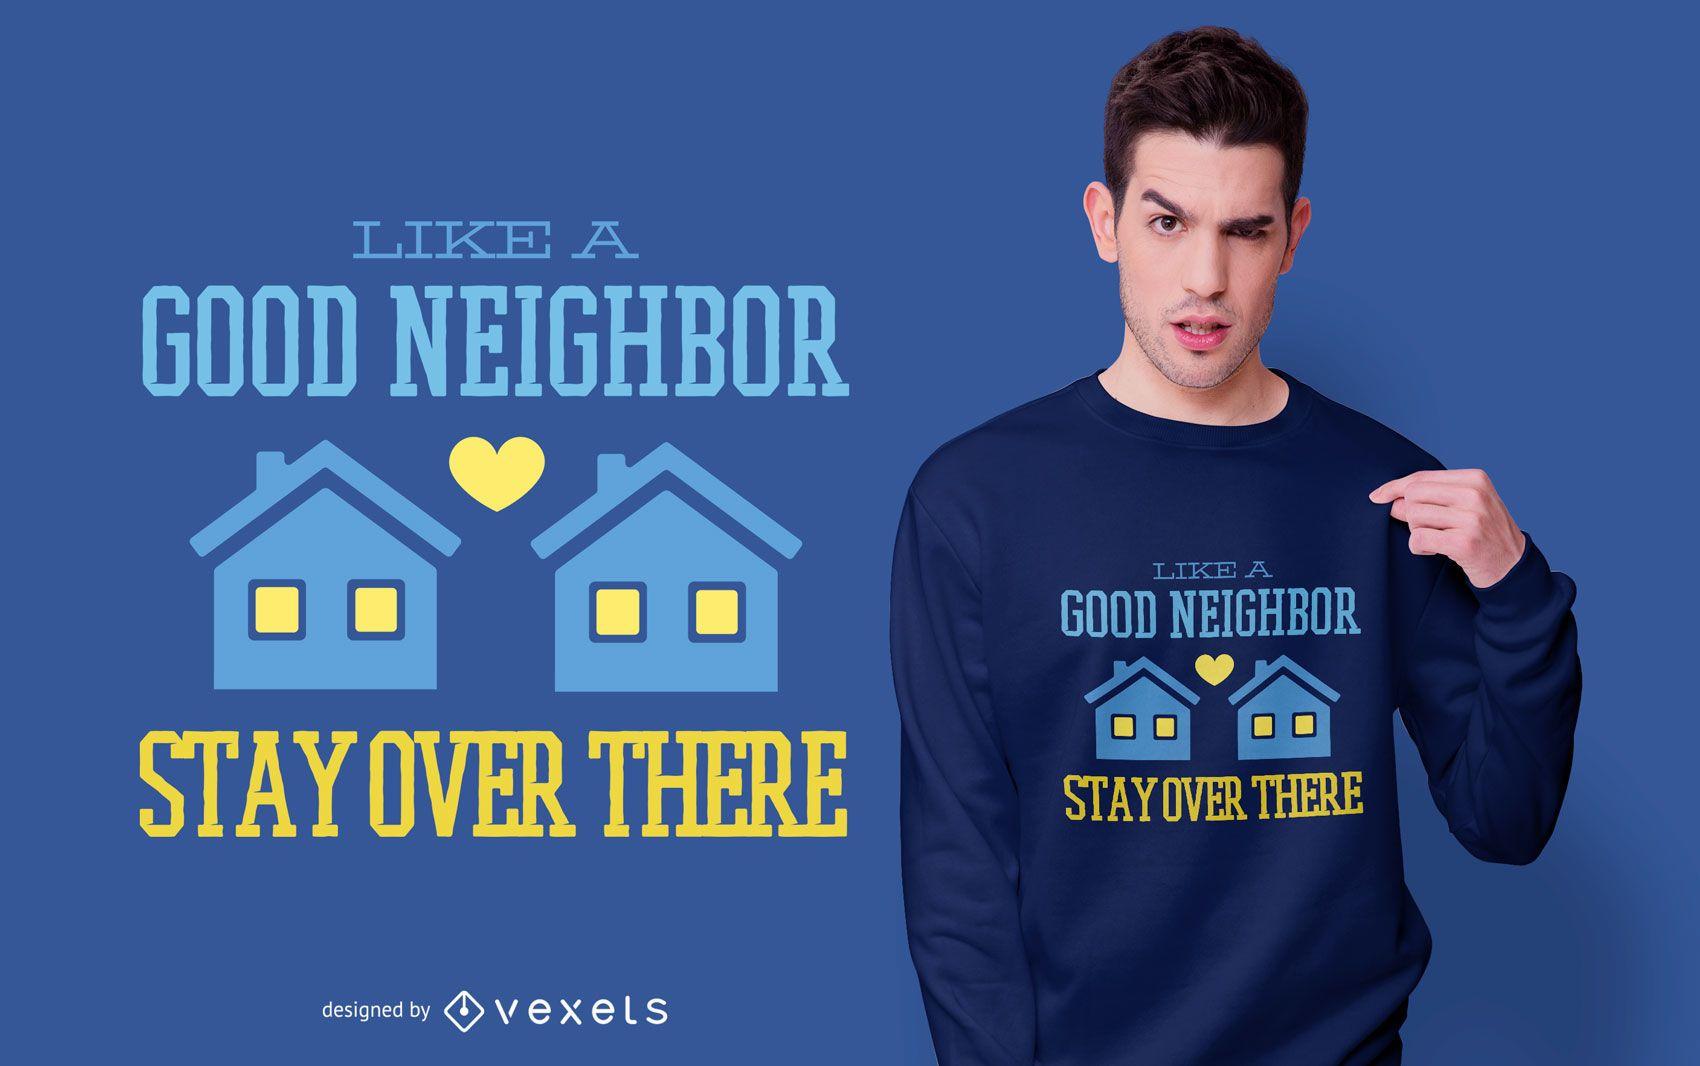 Bleib zu Hause Lustiges Zitat T-Shirt Design